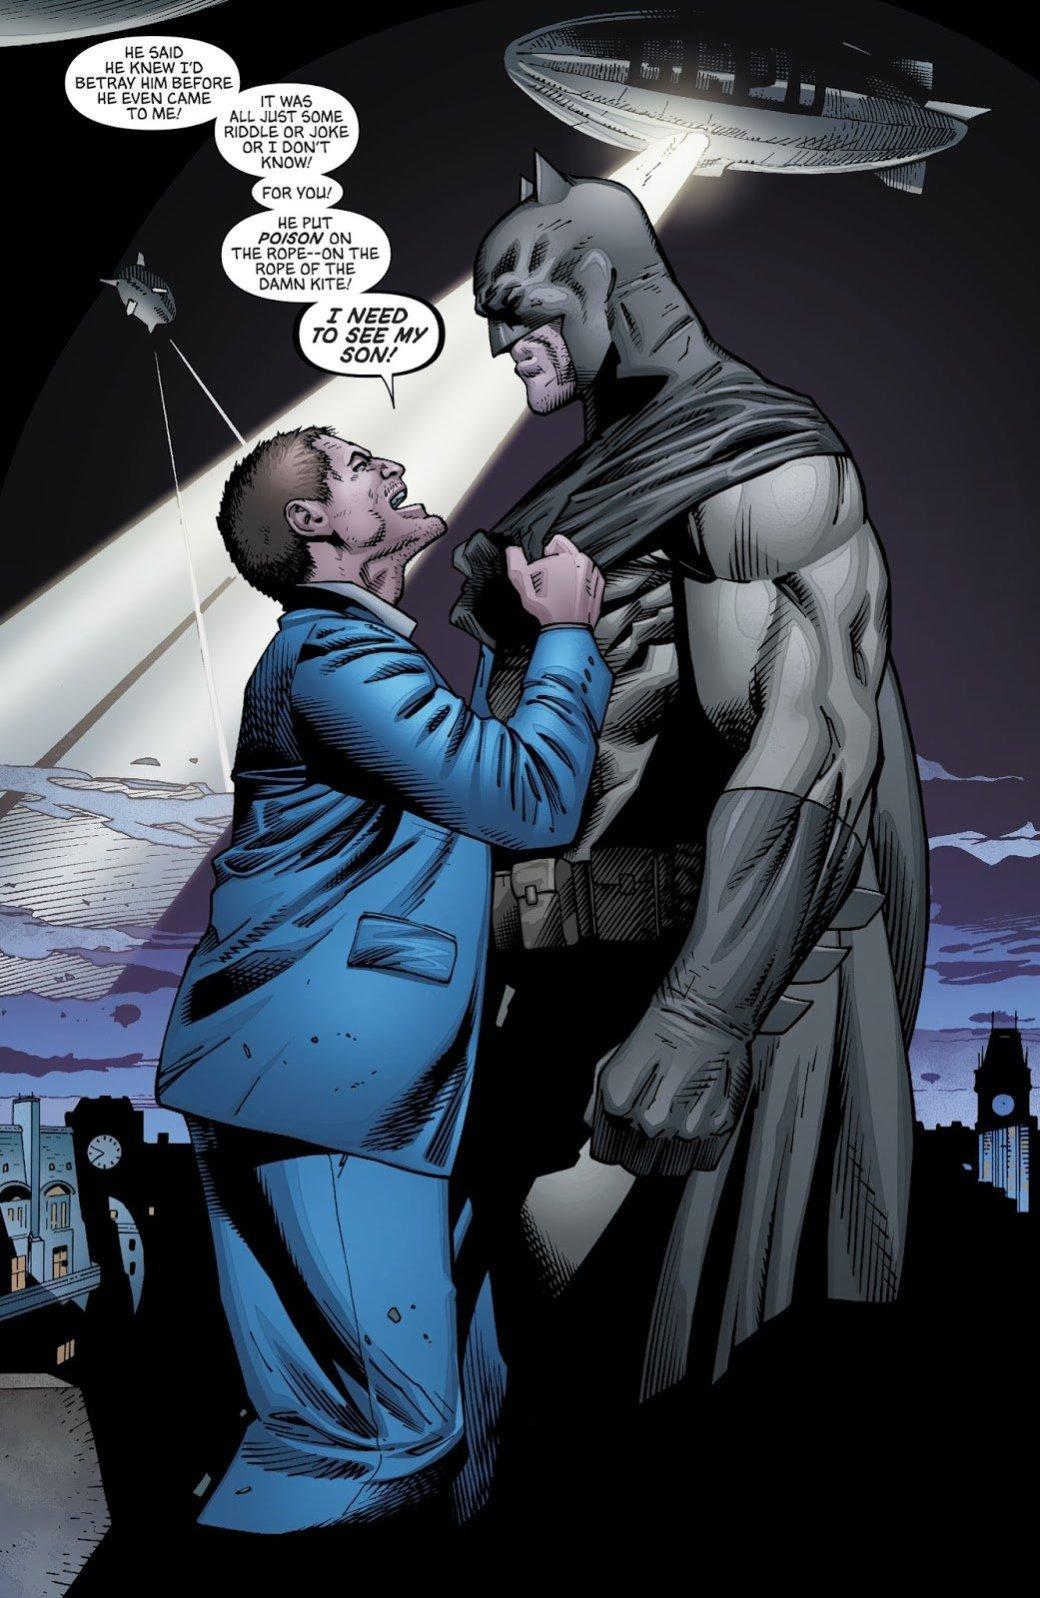 Зачем нужна была война Джокера иЗагадочника настраницах комикса «Бэтмен»?. - Изображение 16